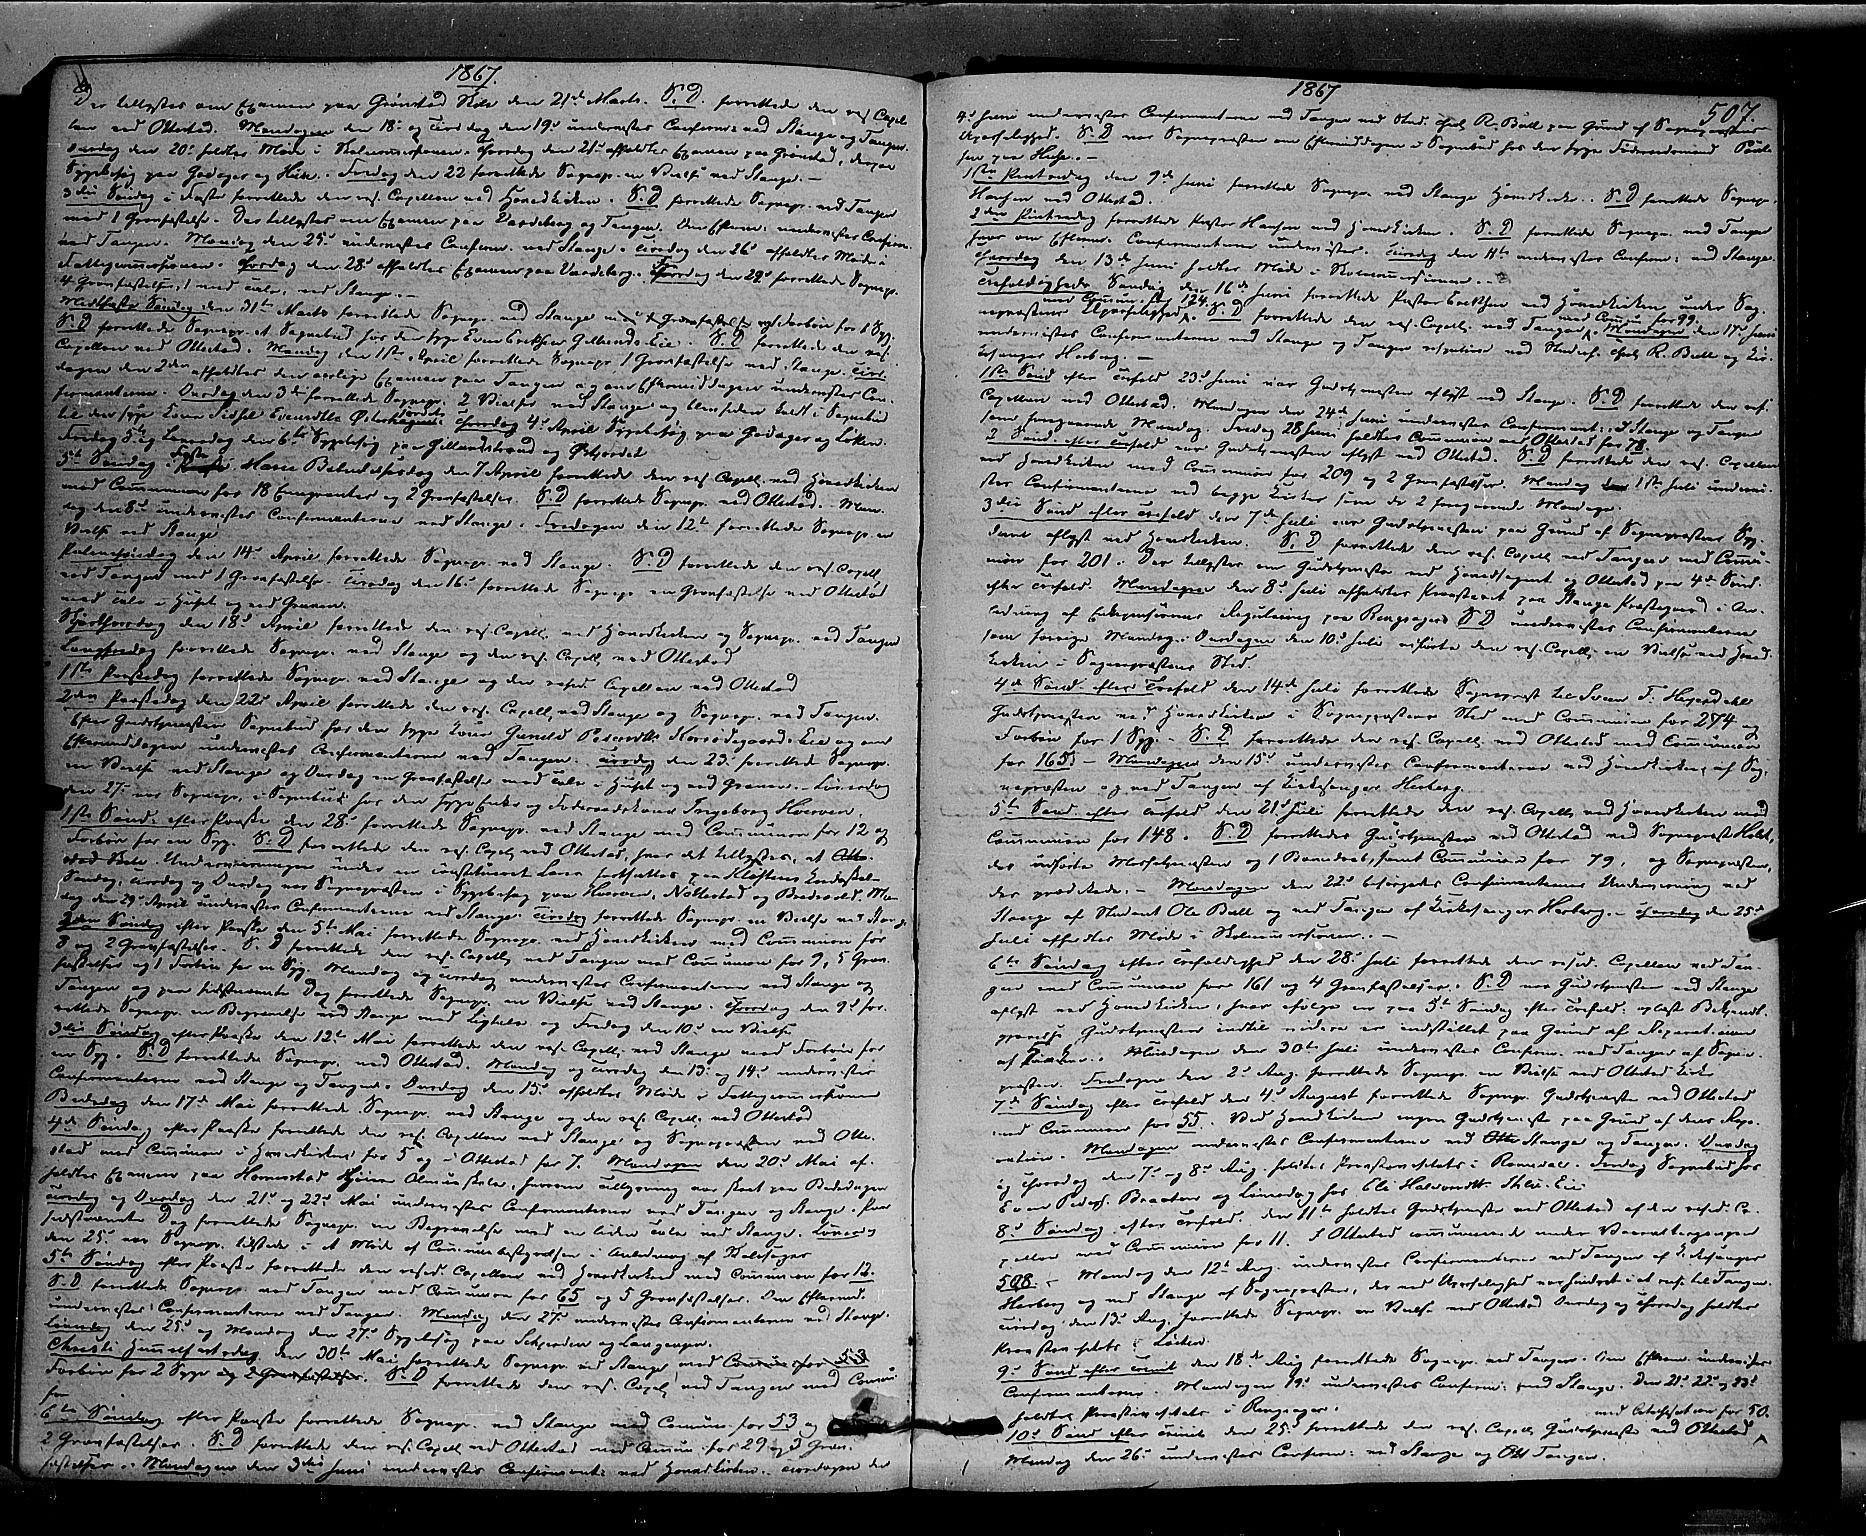 SAH, Stange prestekontor, K/L0013: Parish register (official) no. 13, 1862-1879, p. 507